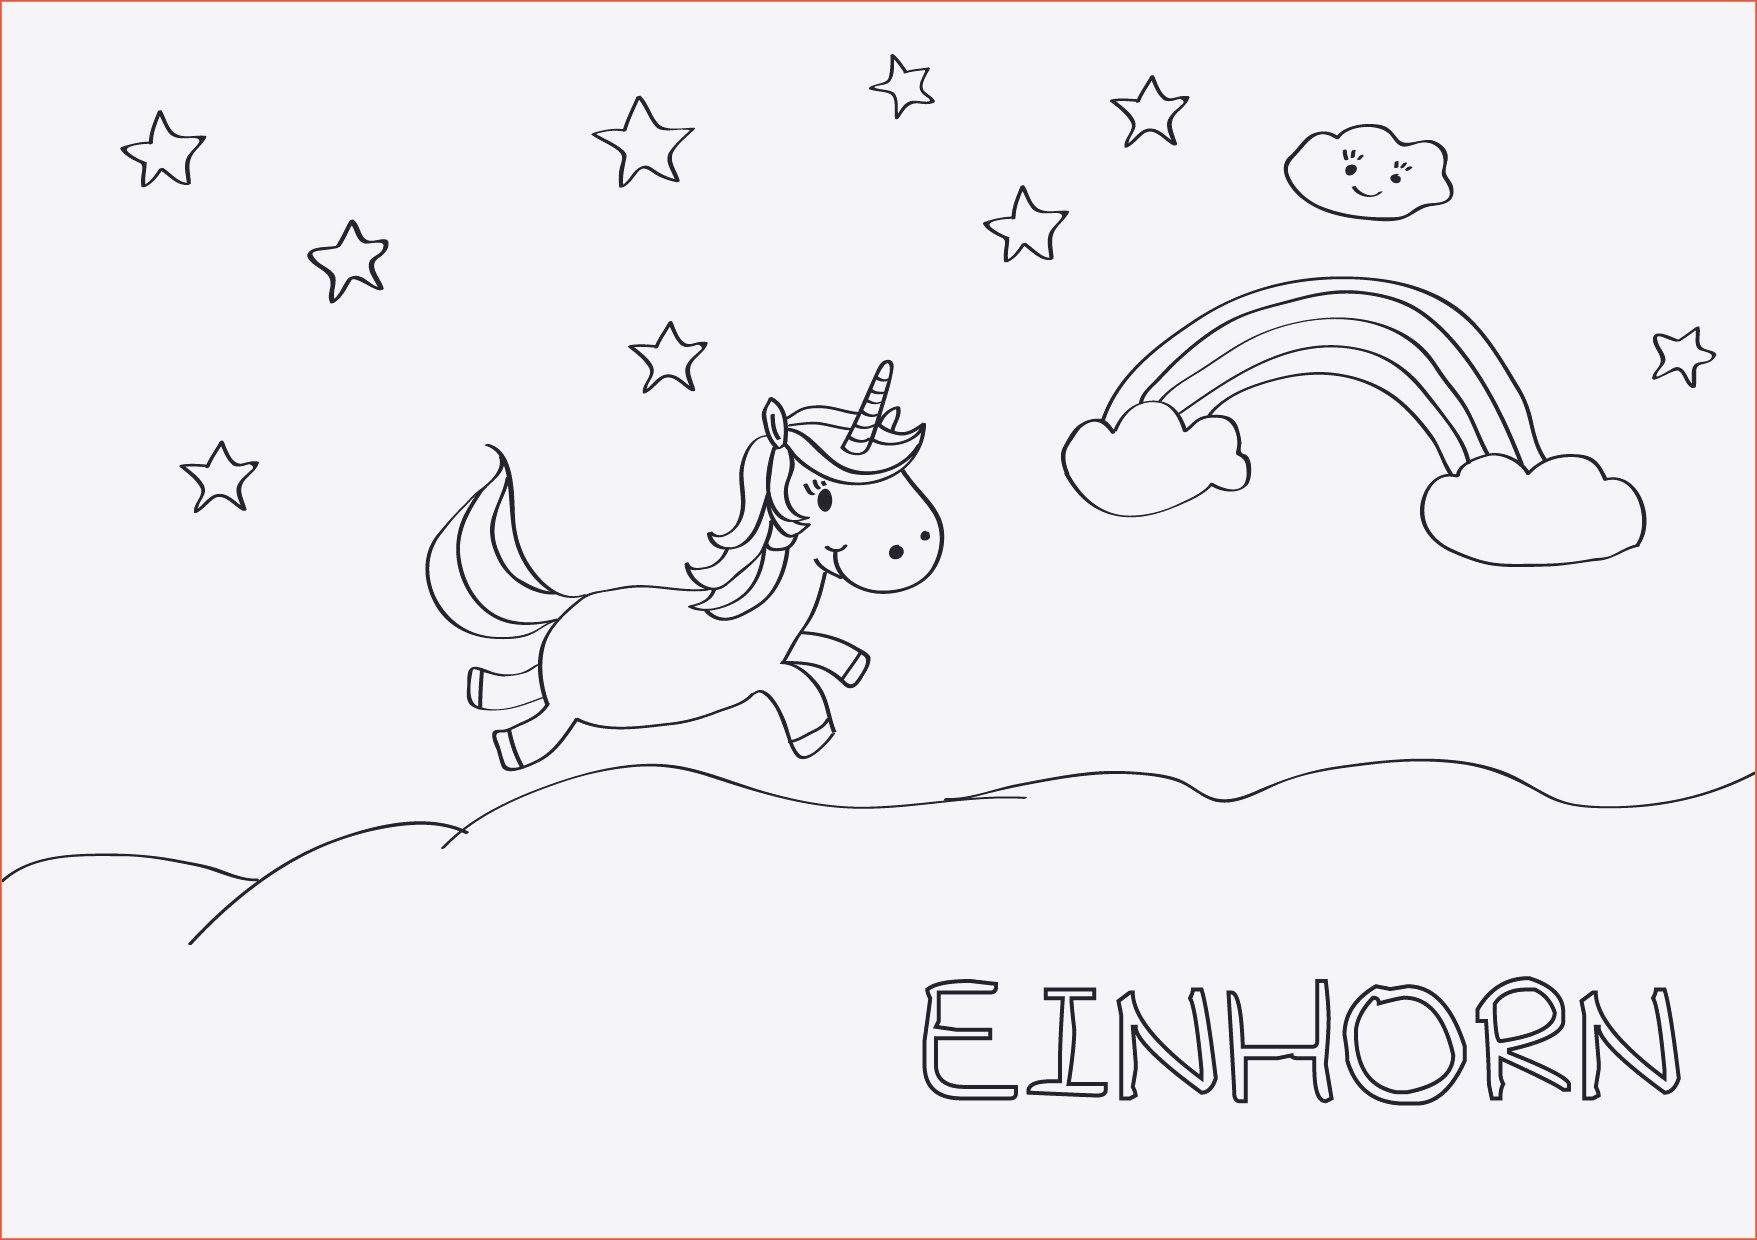 Ausmalbilder Einhorn Kostenlos Inspirierend Ausmalbilder Einhorn Fotografieren